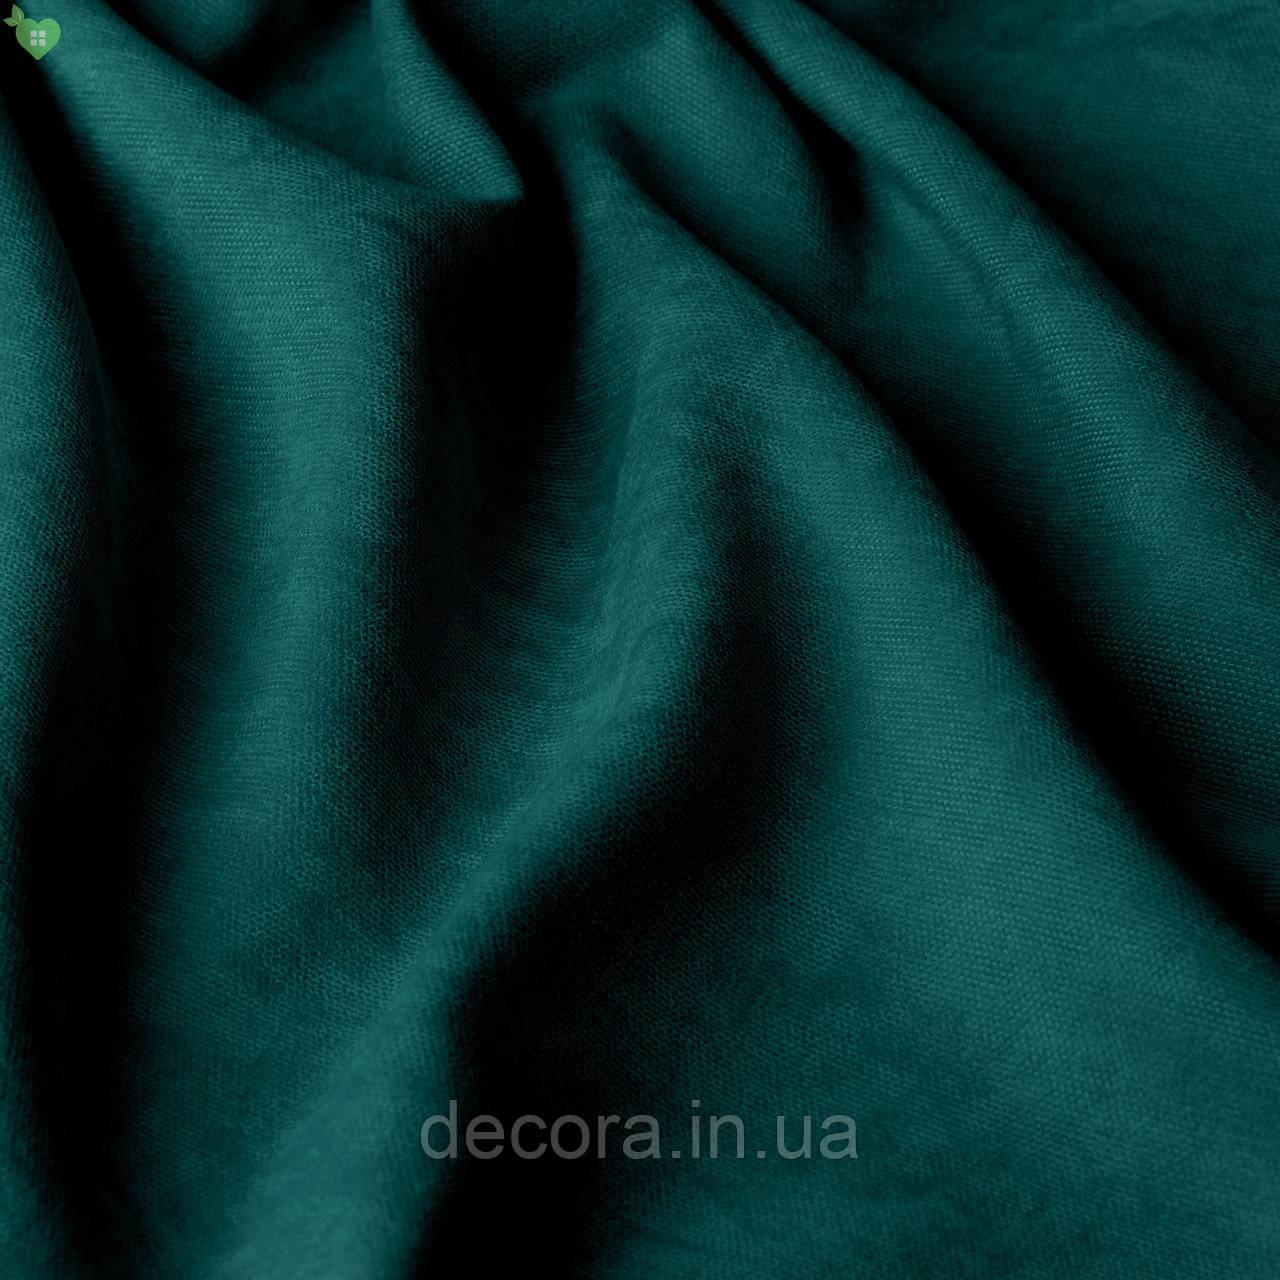 Римська штора із однотонної тканини велюр, темний смарагд 121000v22